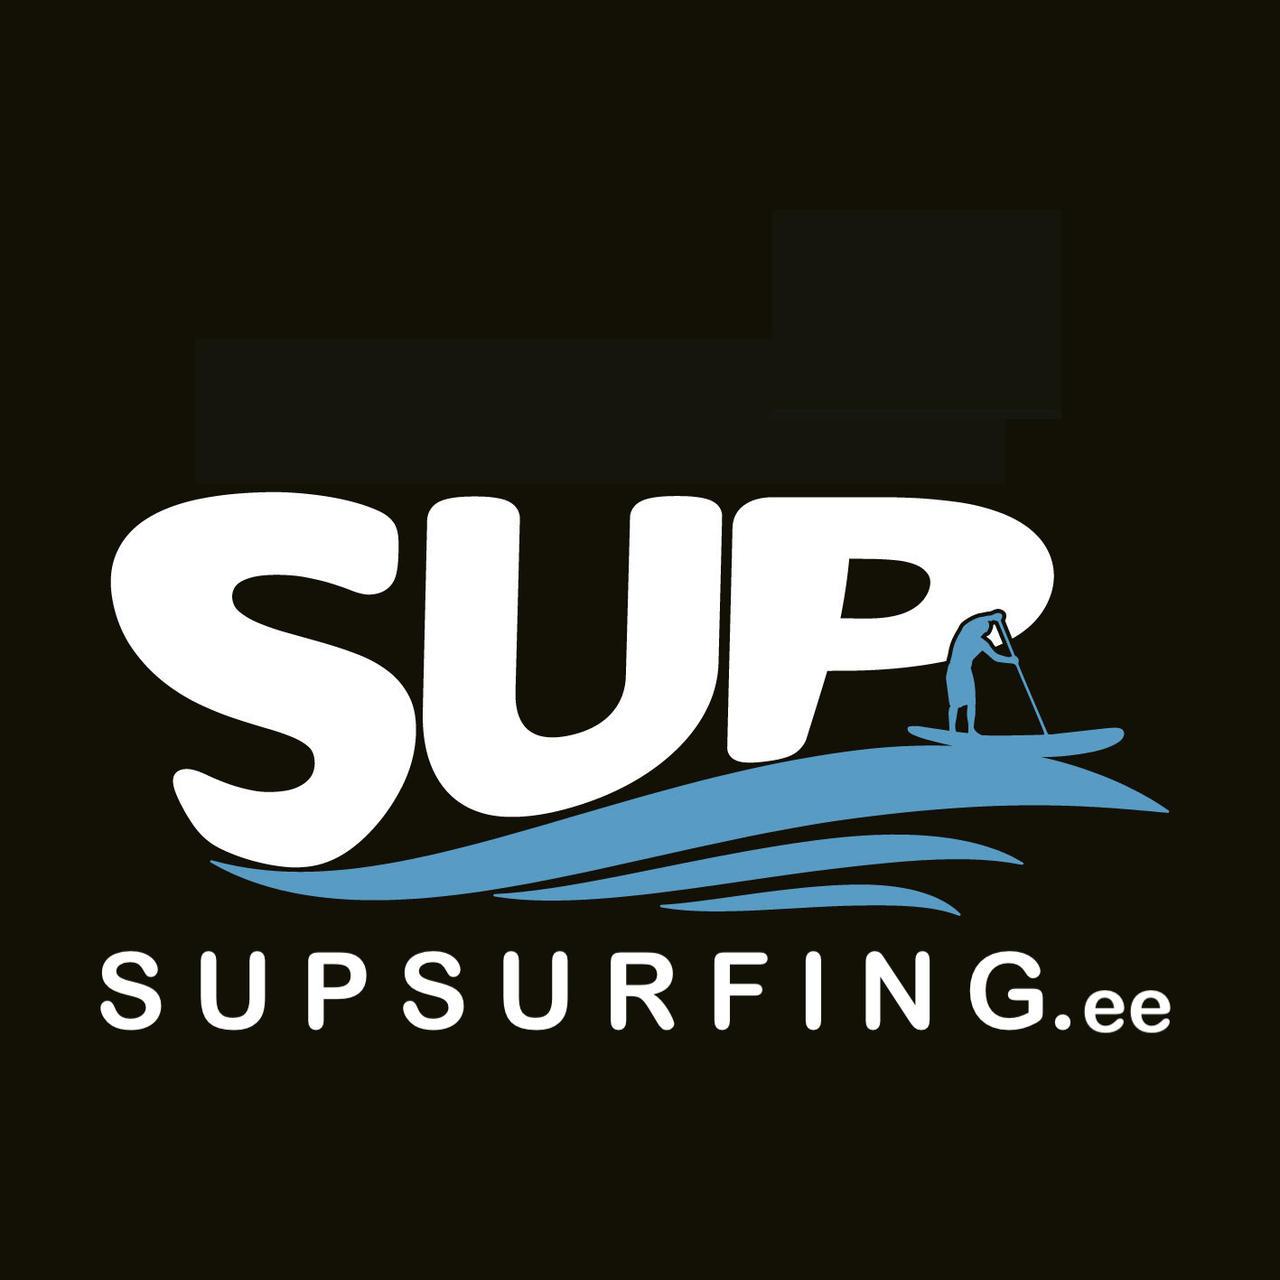 Supsurfing.ee